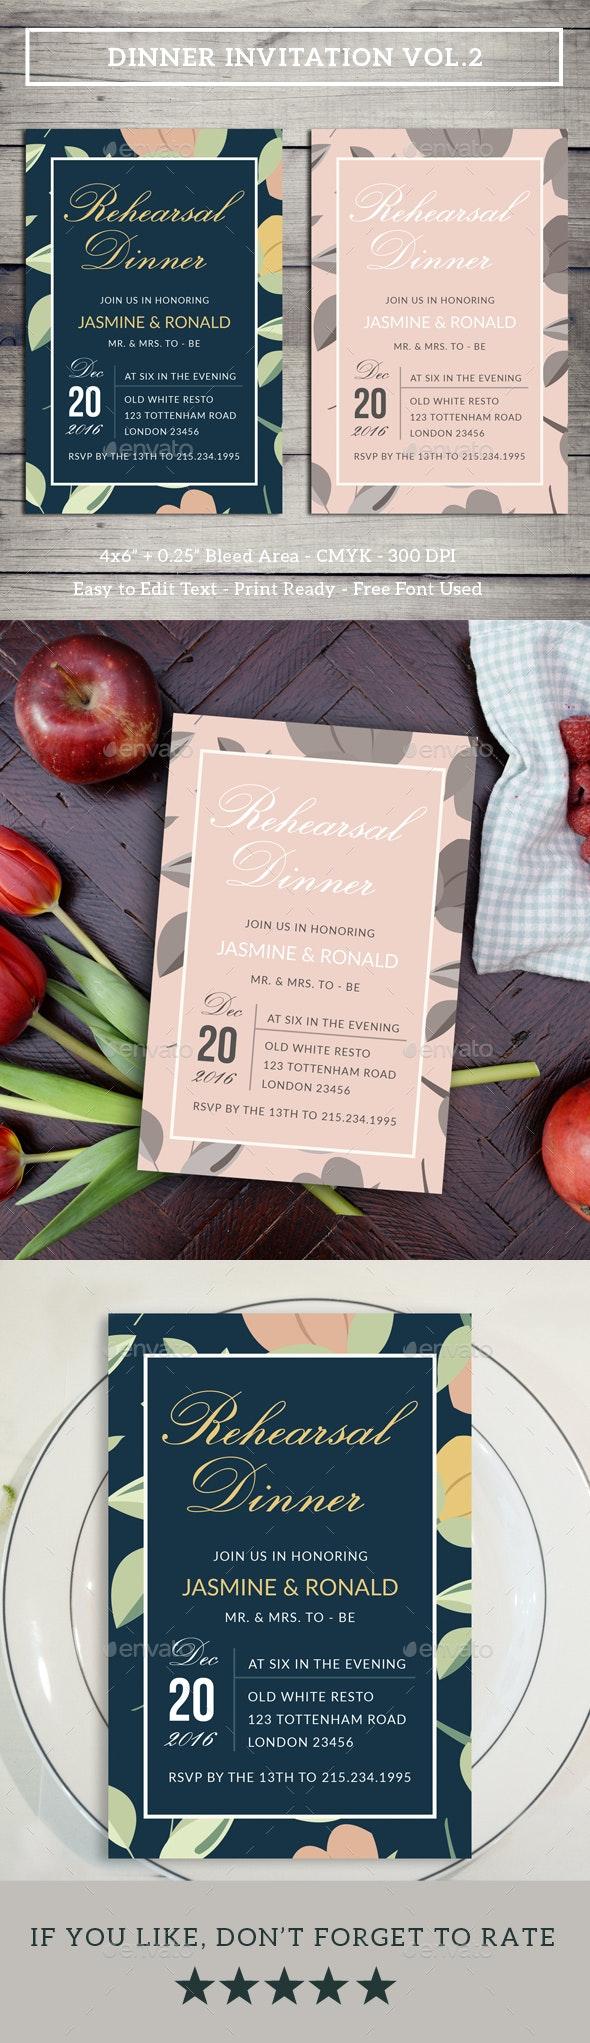 Dinner Invitation Vol.2 - Invitations Cards & Invites